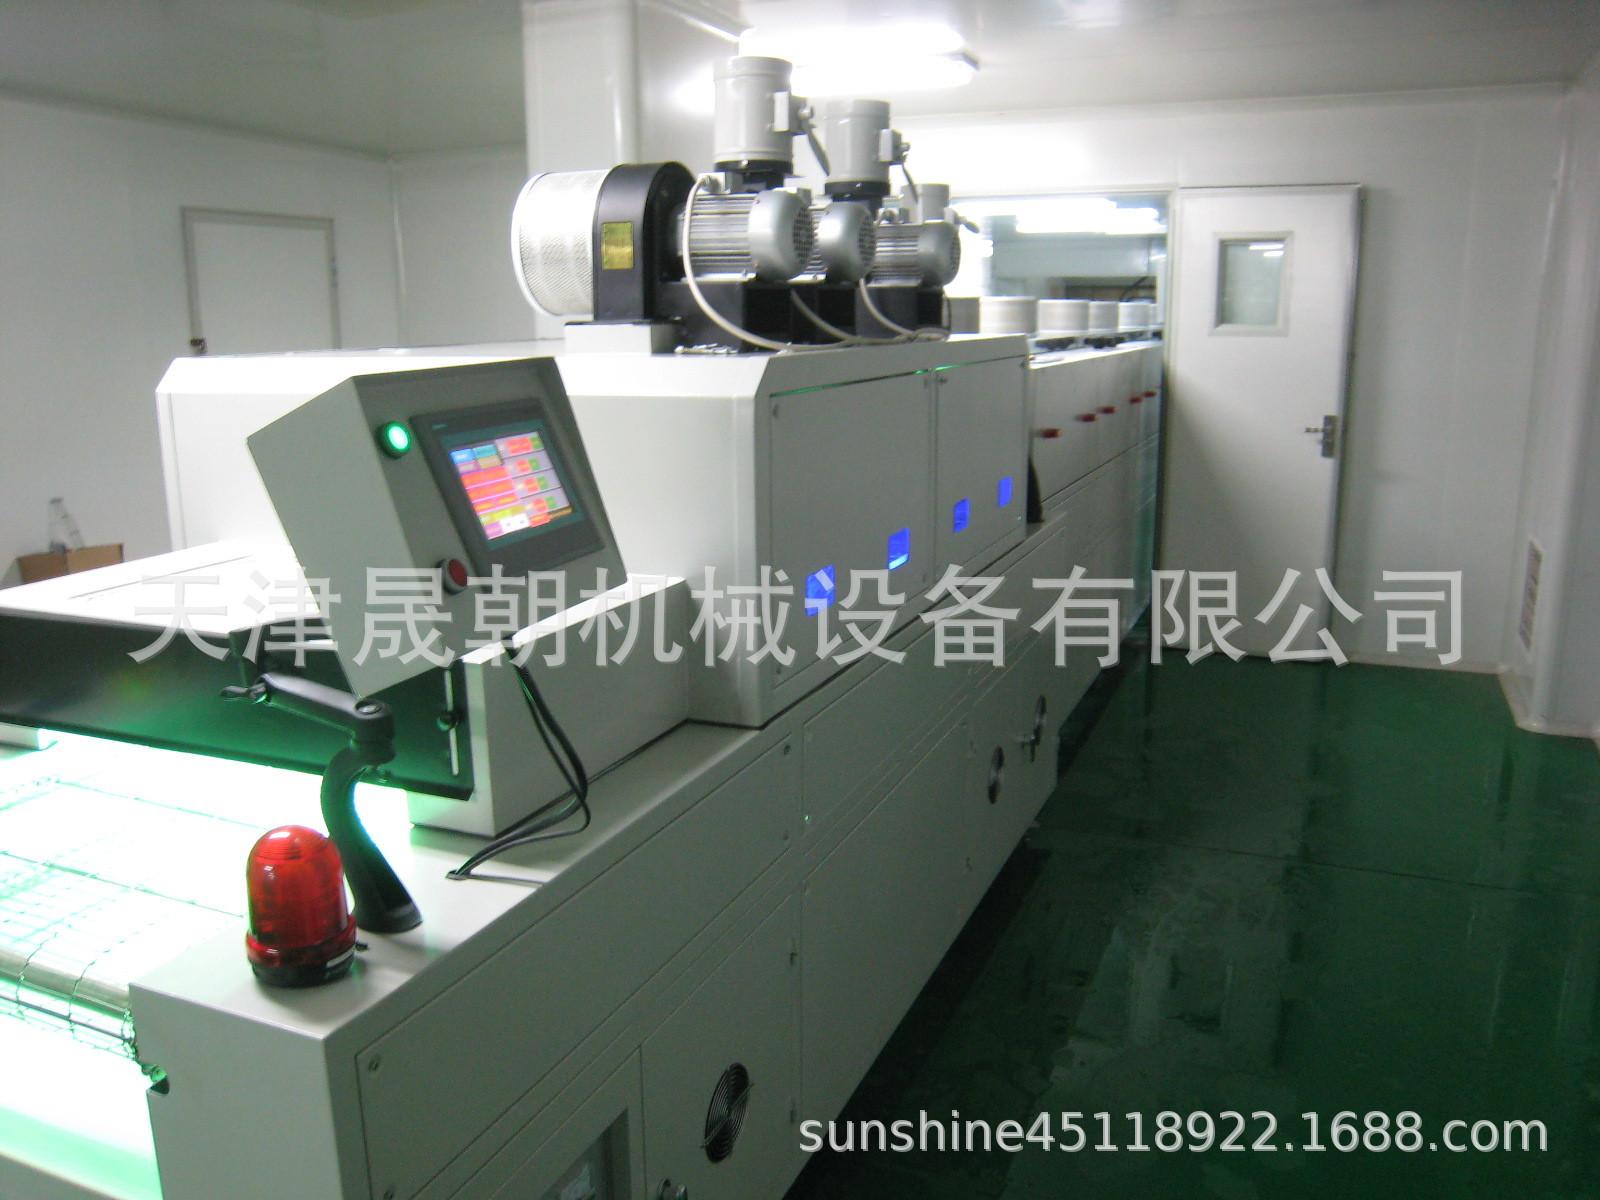 低温uv固化炉_低温uv固化炉;电子变频变压器;uv固化机;uv固化流水线